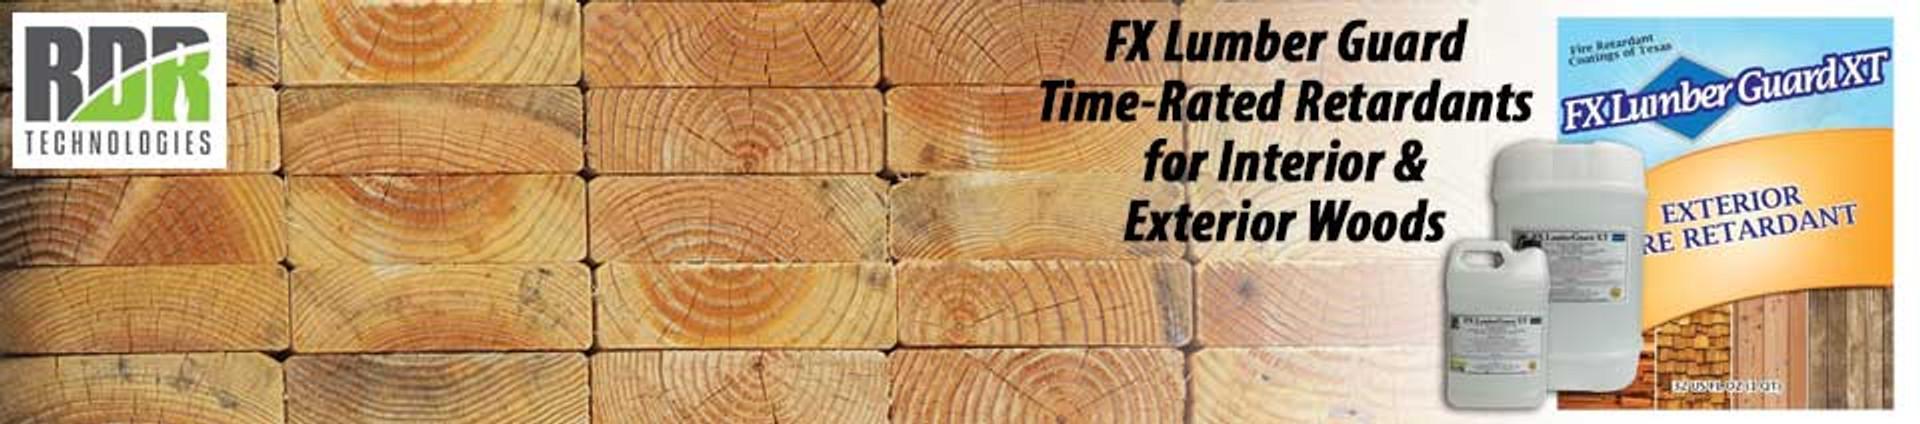 Fire Retardant for Wood | https://rdrtechnologies.com/